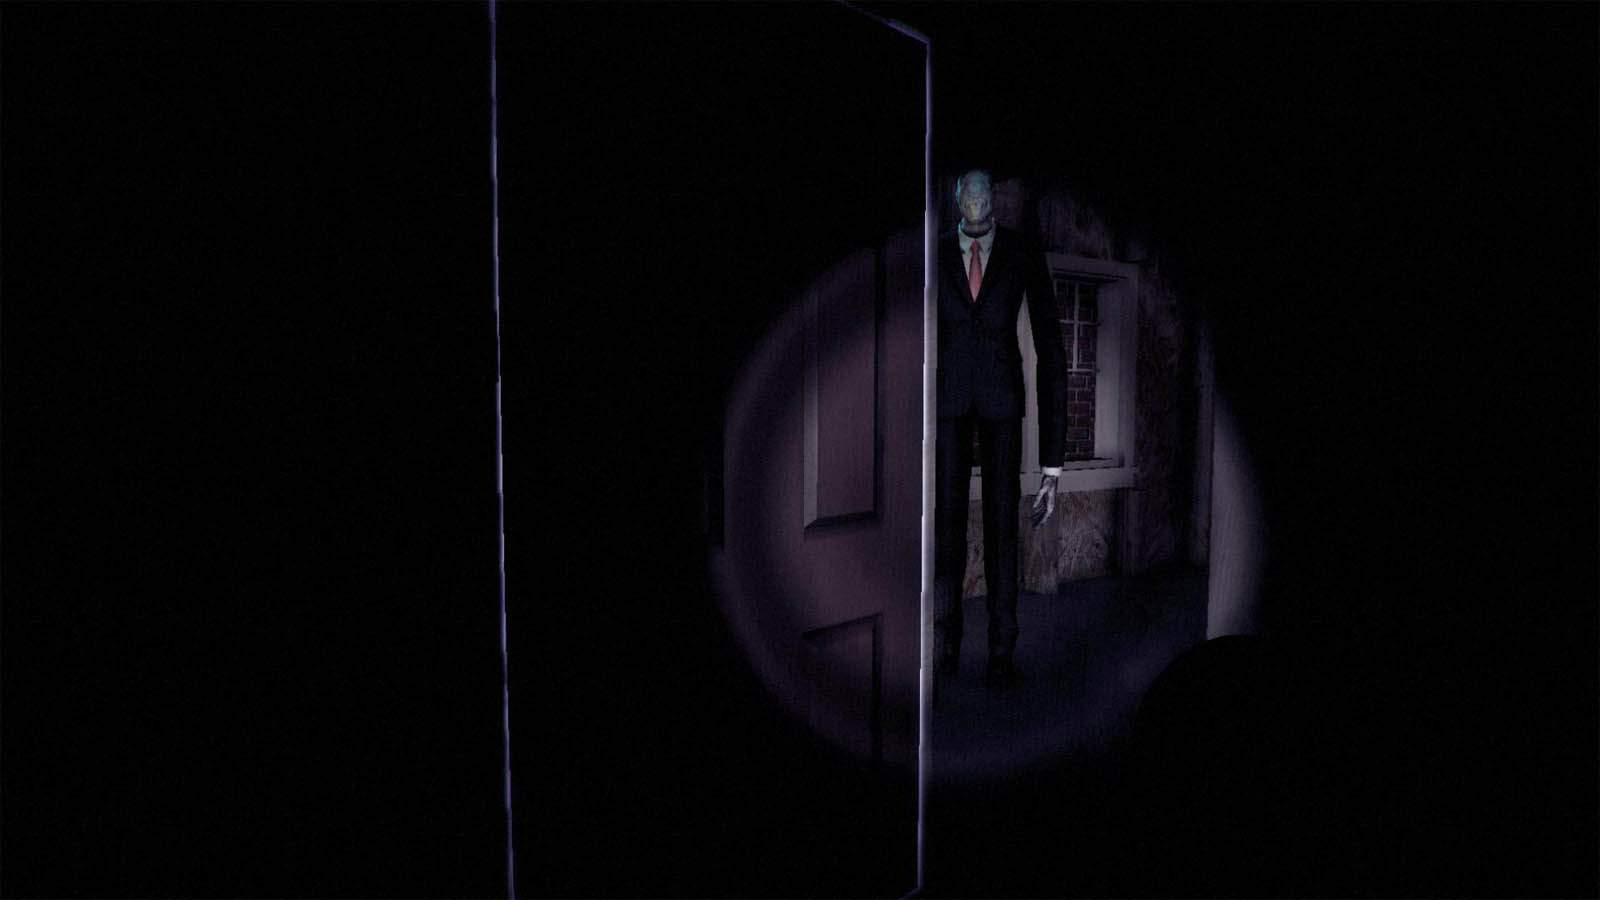 تحميل لعبة  Slender The Arrival مضغوطة برابط واحد مباشر + تورنت كاملة مجانا